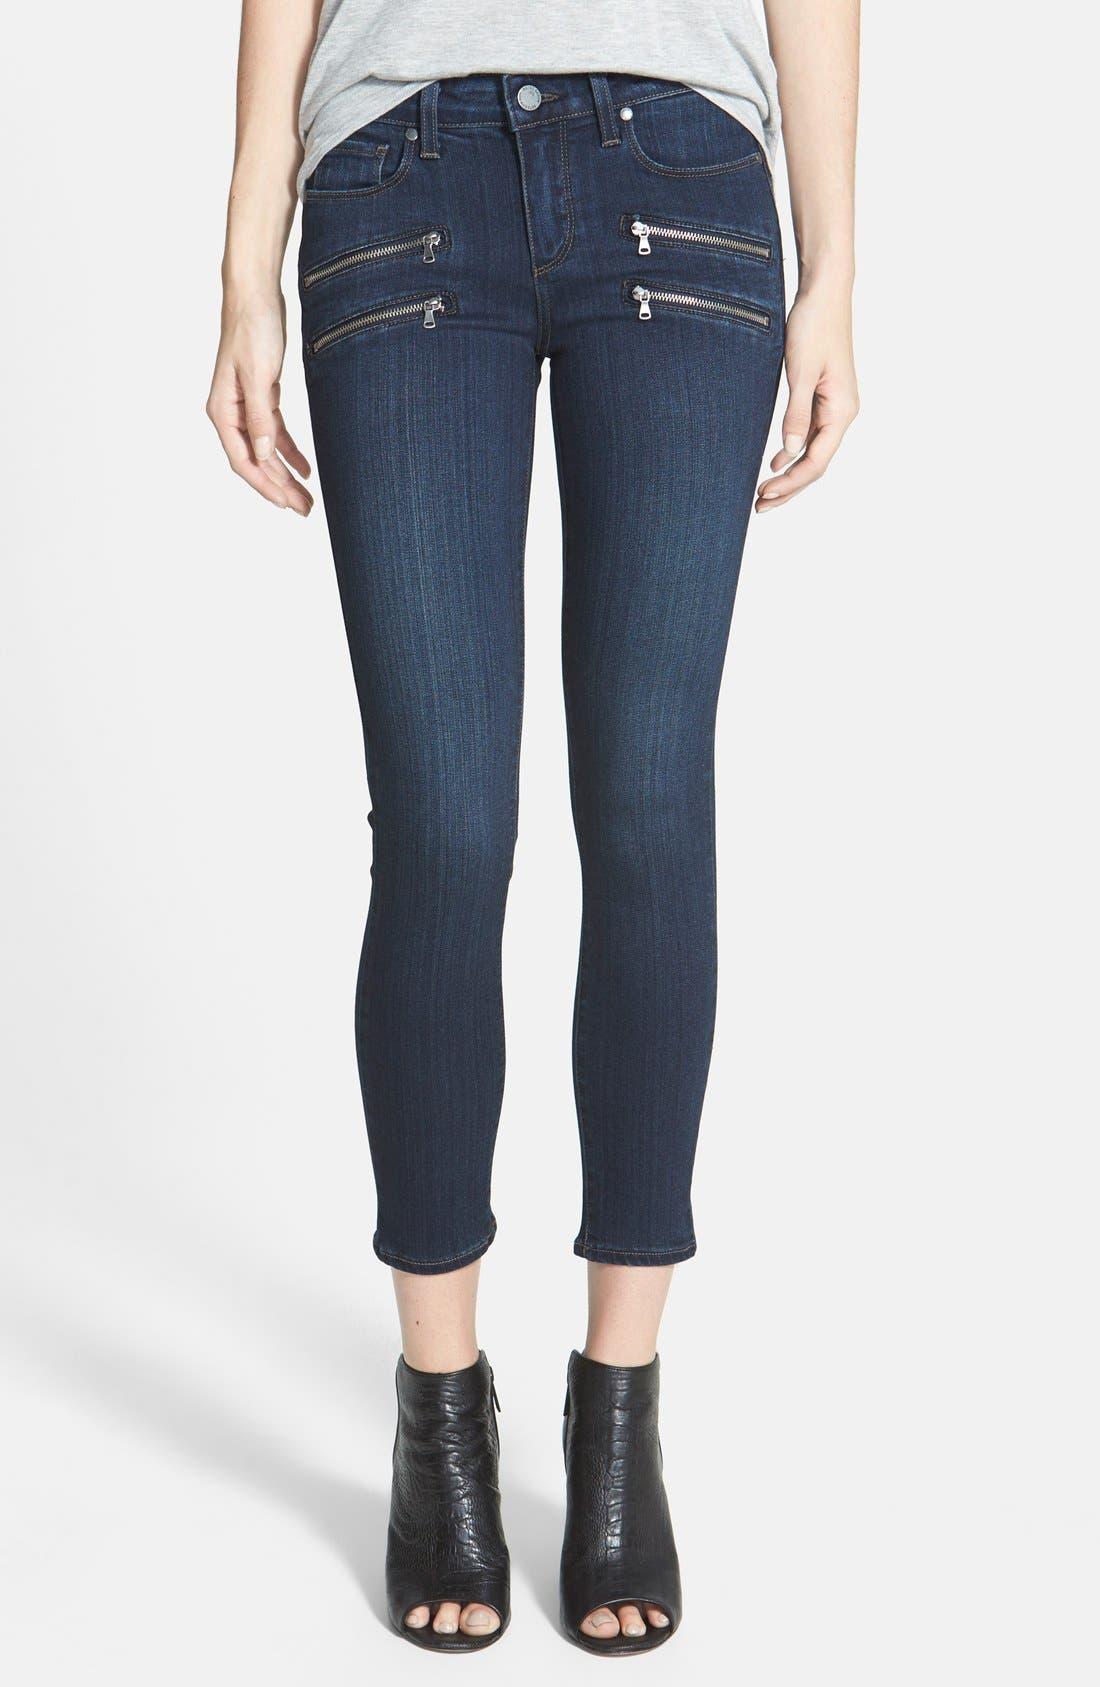 Denim 'Transcend - Edgemont' Crop Jeans,                             Main thumbnail 1, color,